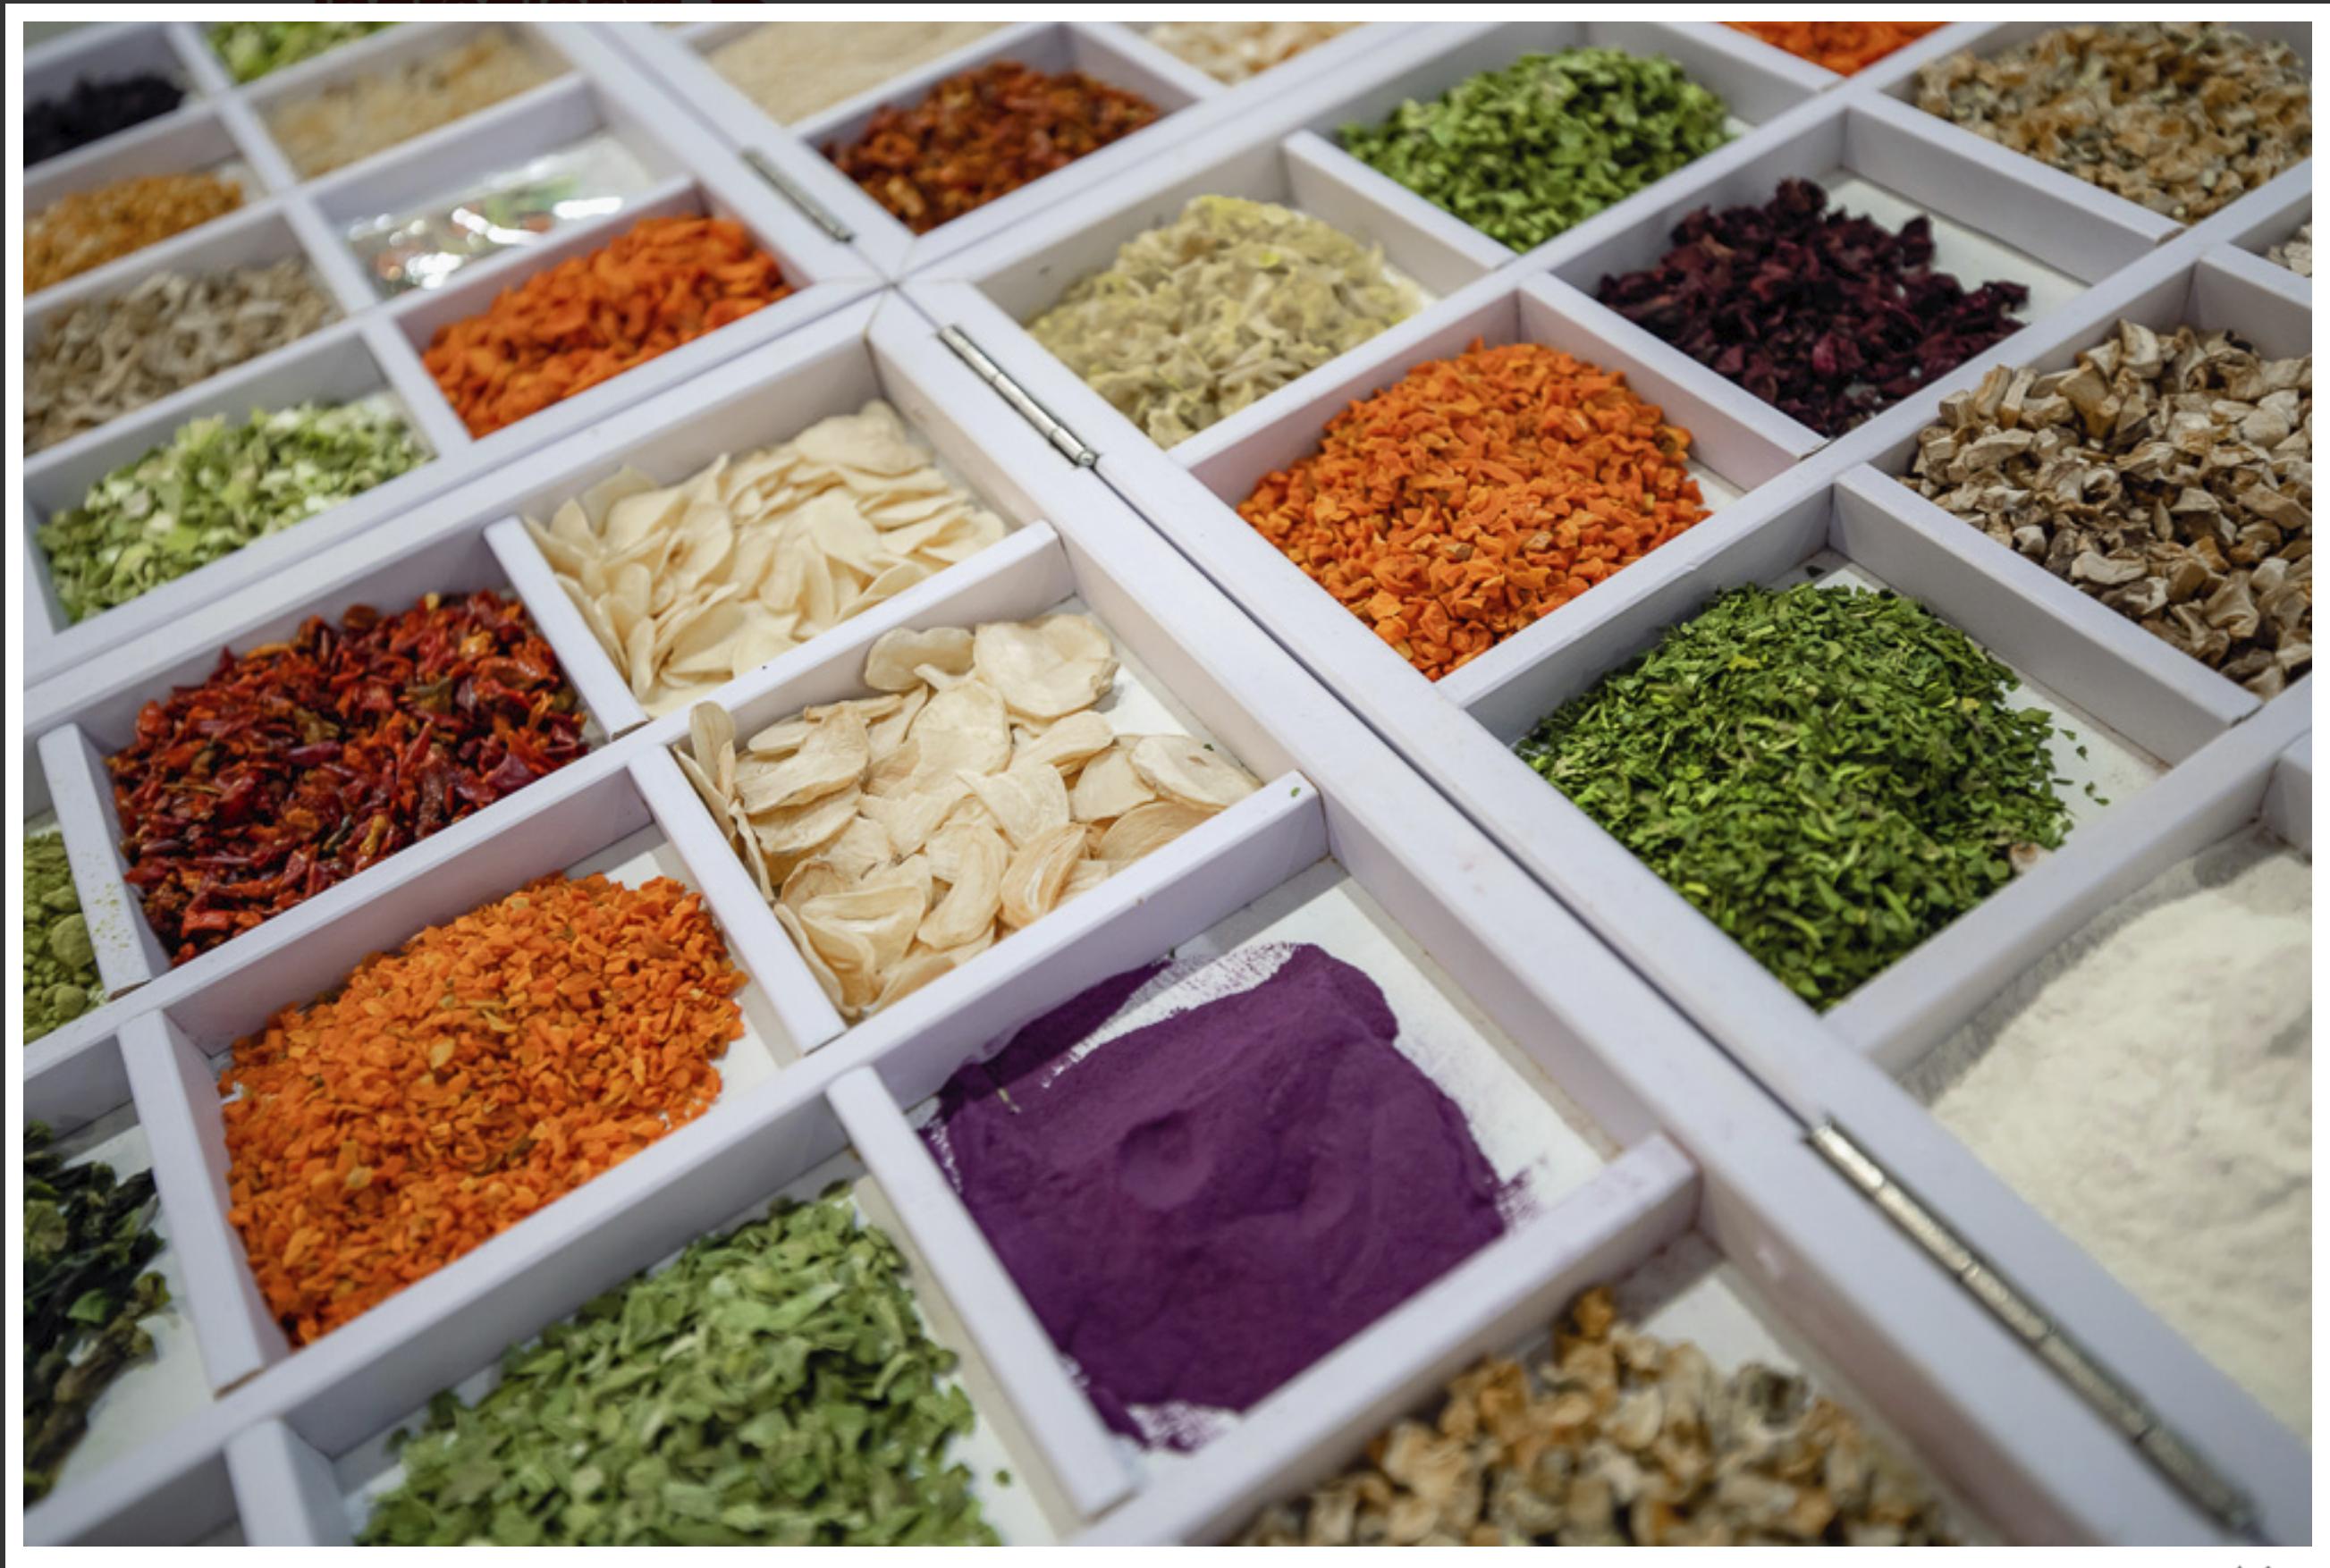 Ingredients Russia - 23-я Международная выставка пищевых ингредиентов 1